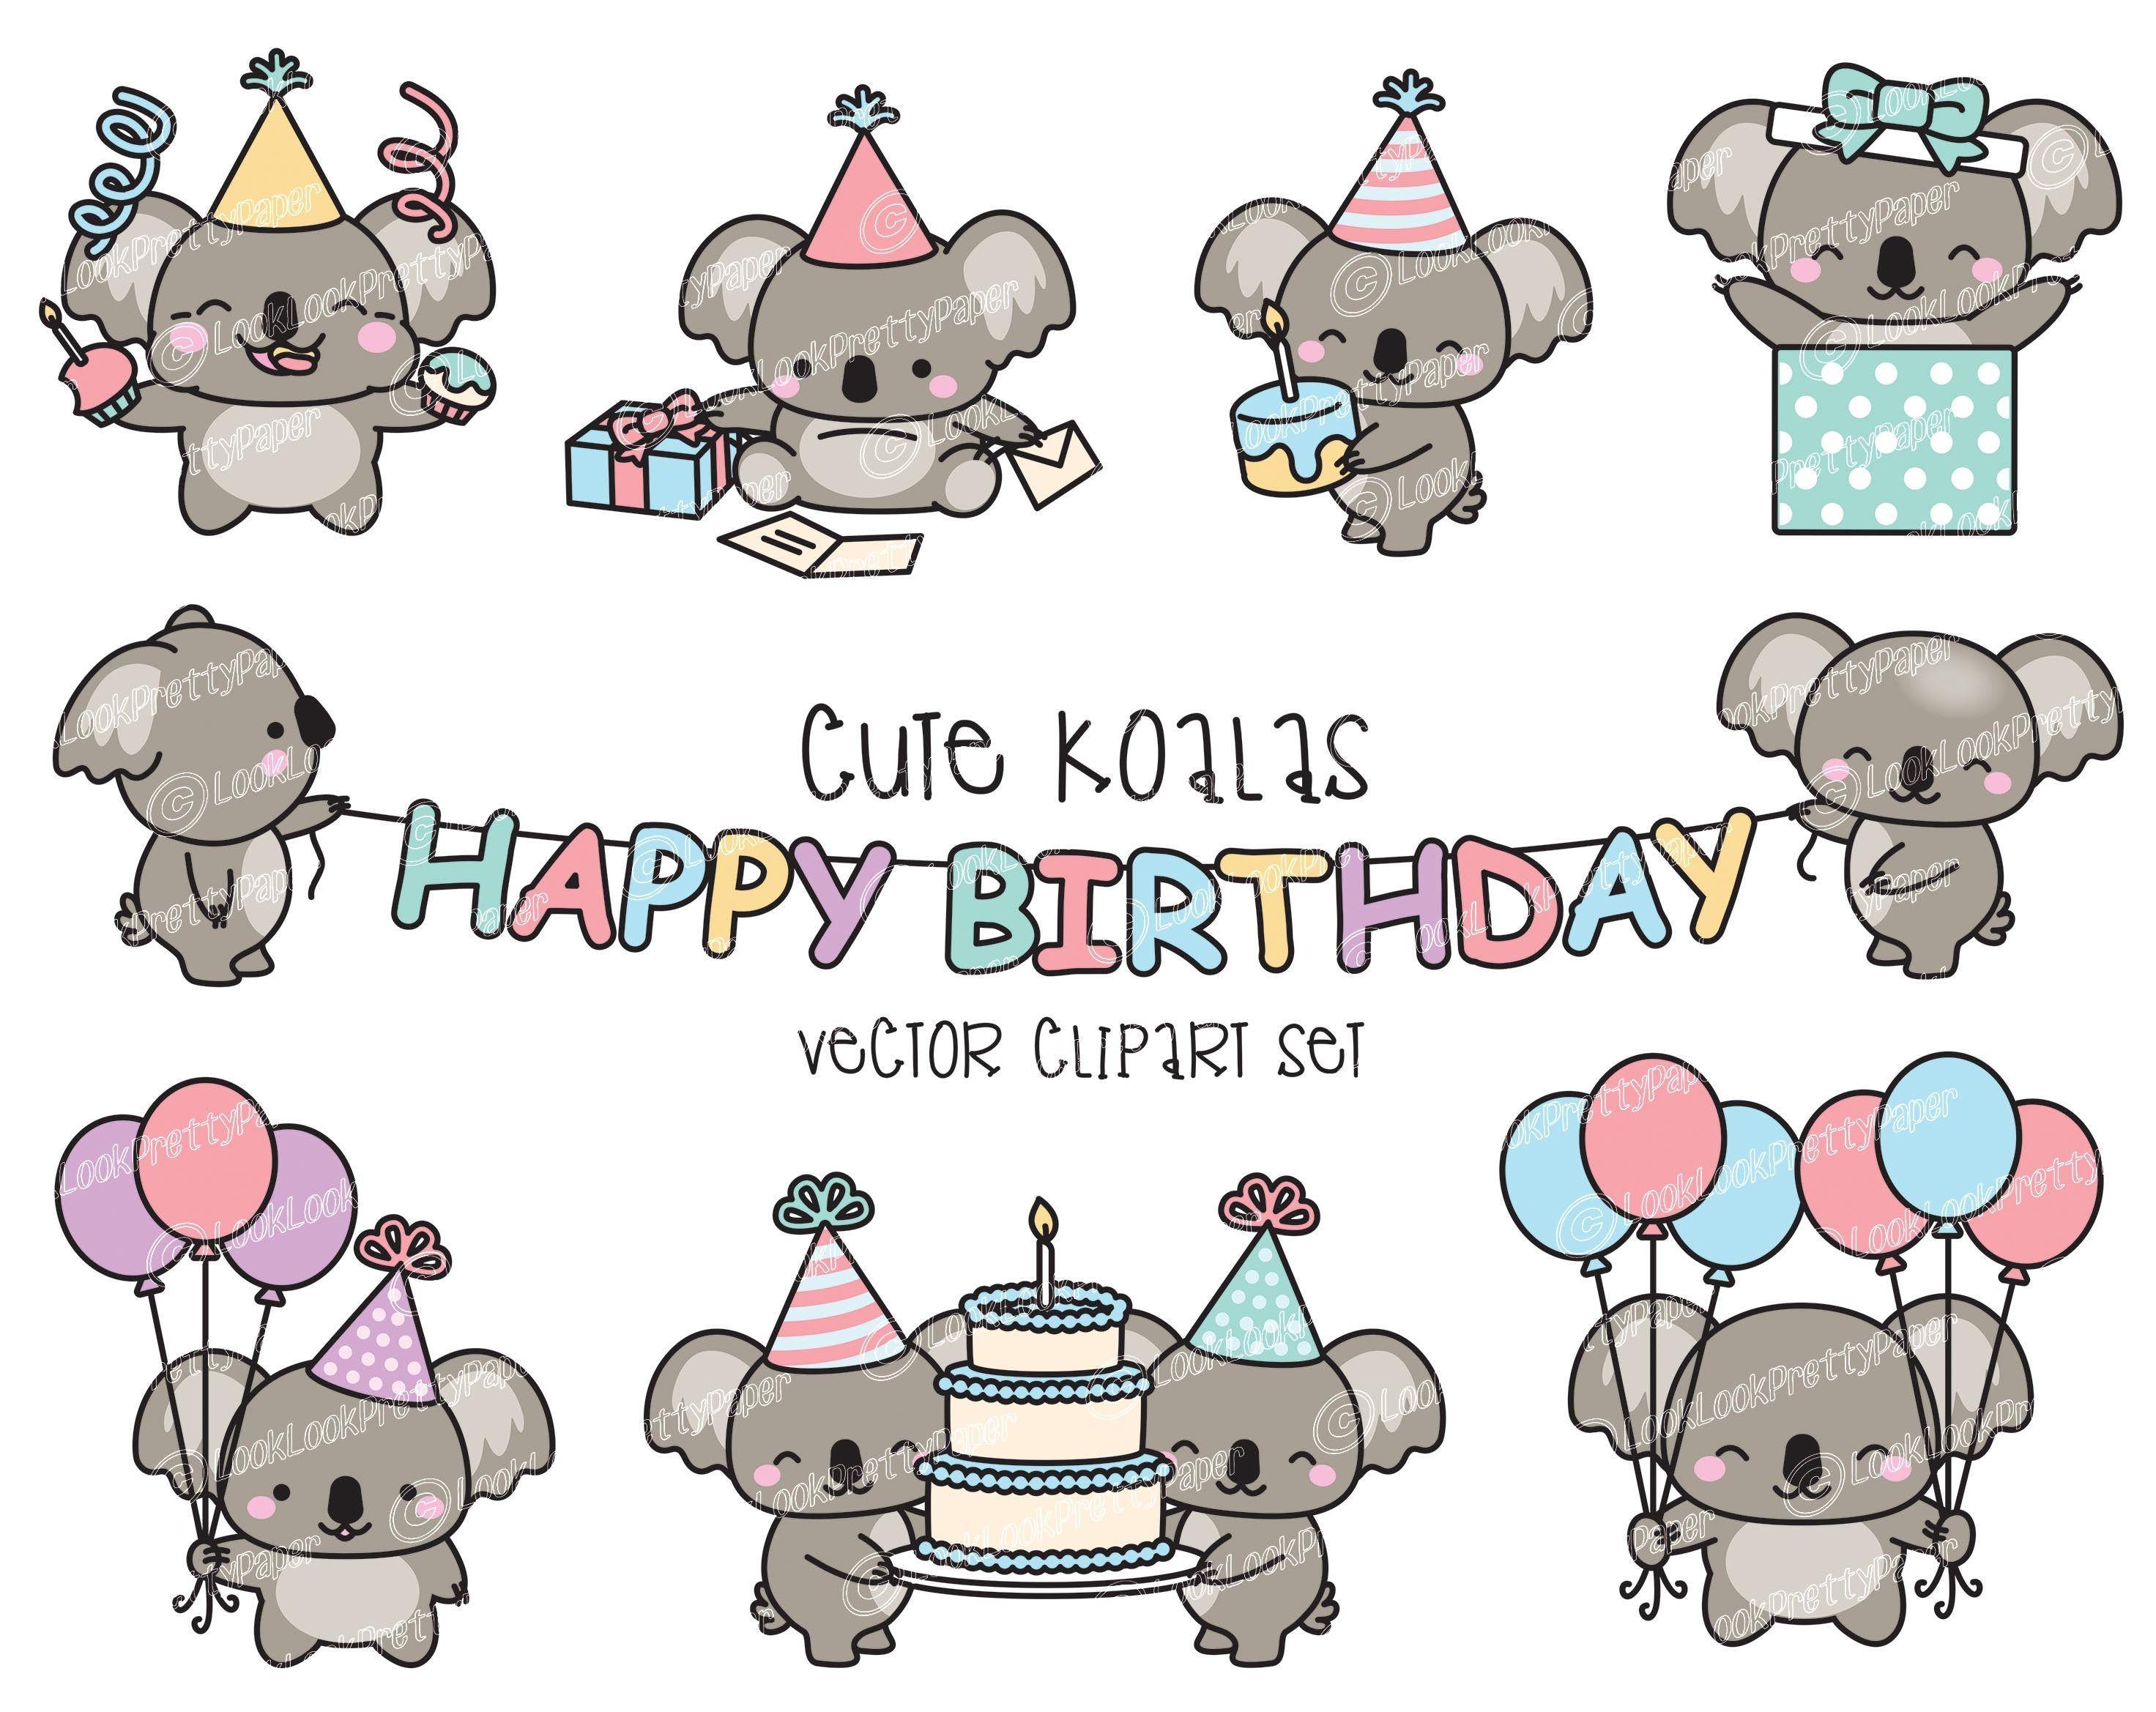 Premium Vector Clipart Kawaii Birthday Koalas Cute Etsy Koalas Koala Cute Cartoon Wallpaper Cute Cartoon Wallpapers